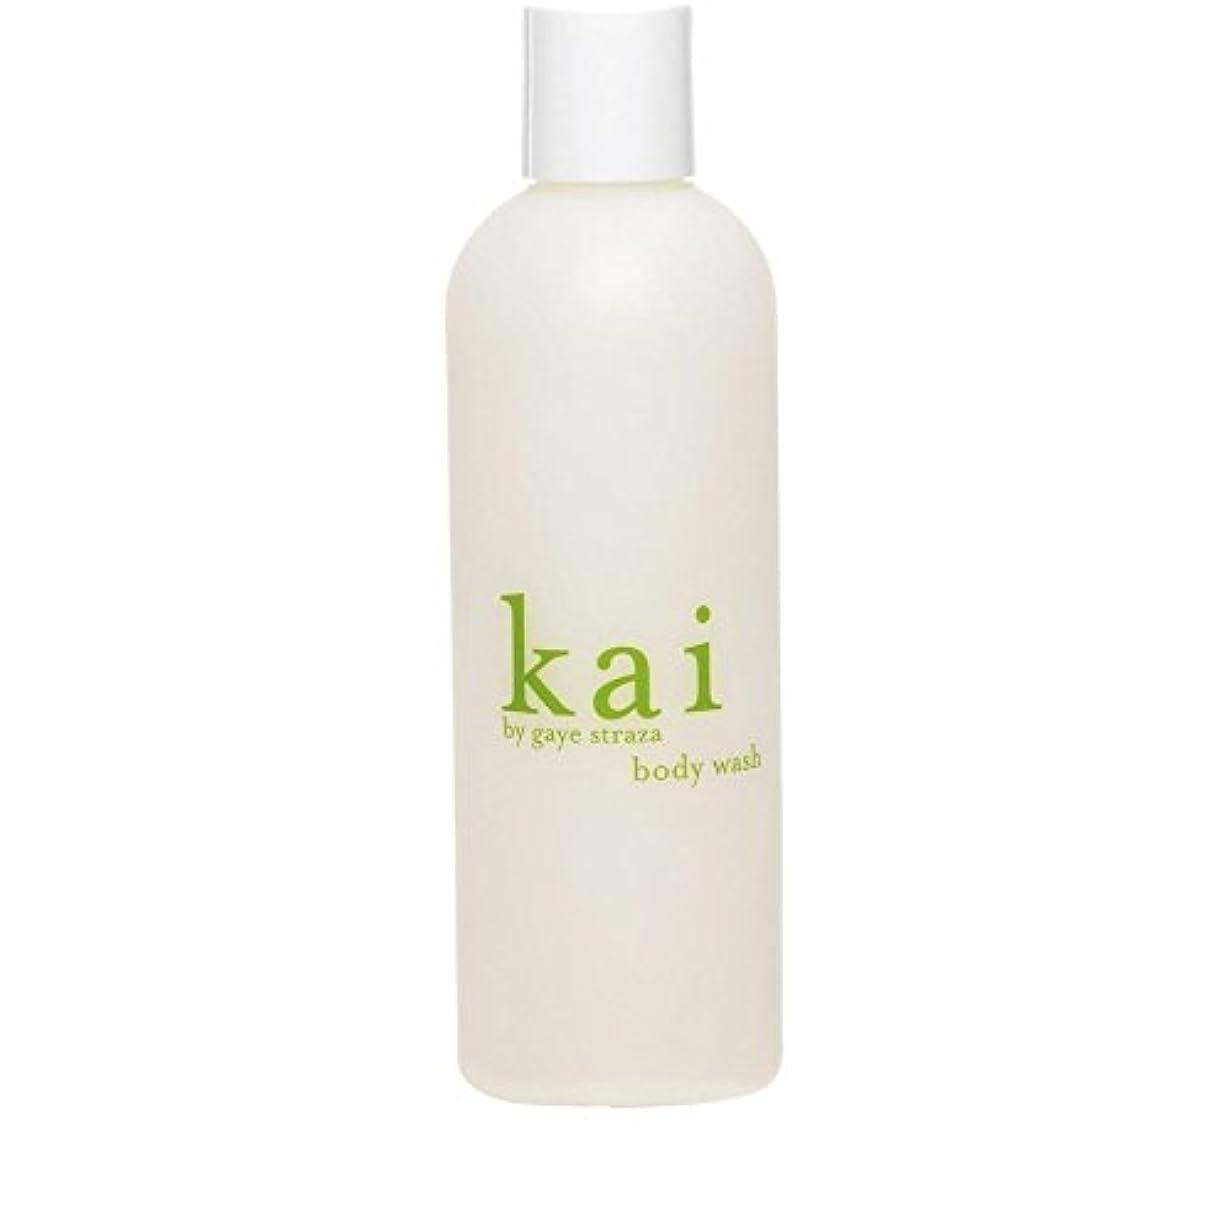 フリッパー墓ゲイ?ストラザ会ボディウォッシュ235ミリリットルによって会 x4 - Kai by Gaye Straza Kai Body Wash 235ml (Pack of 4) [並行輸入品]